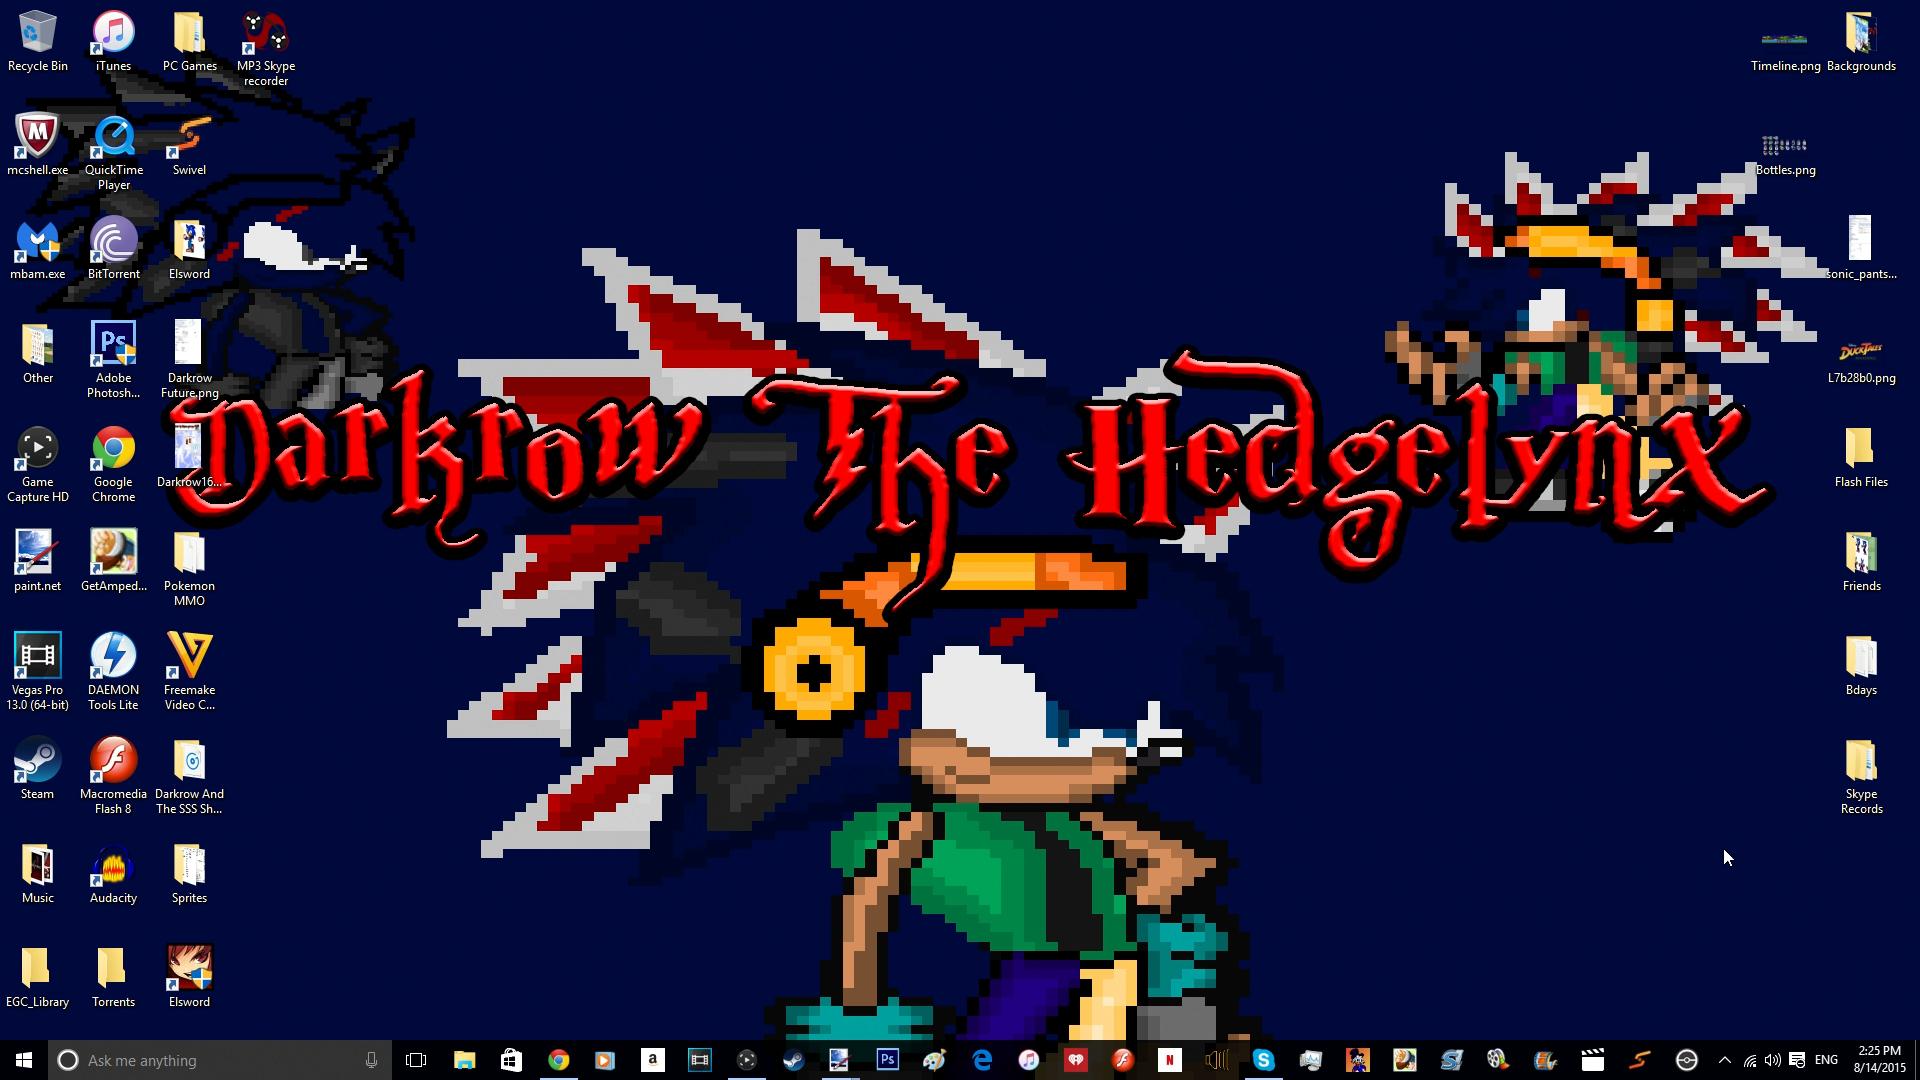 My New Desktop Wallpaper by DarkrowTheHedgelynx